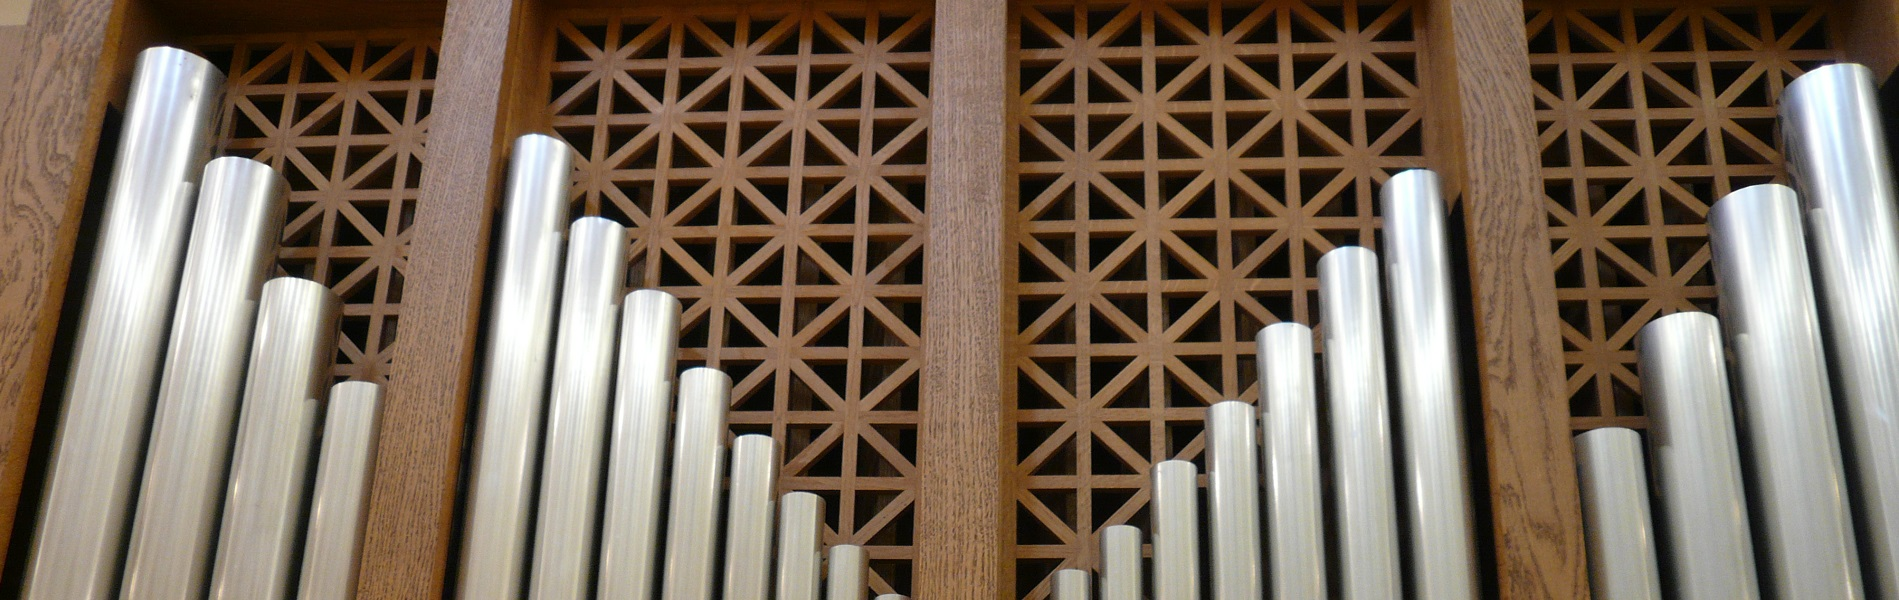 札幌コンサートホールkitara Organ